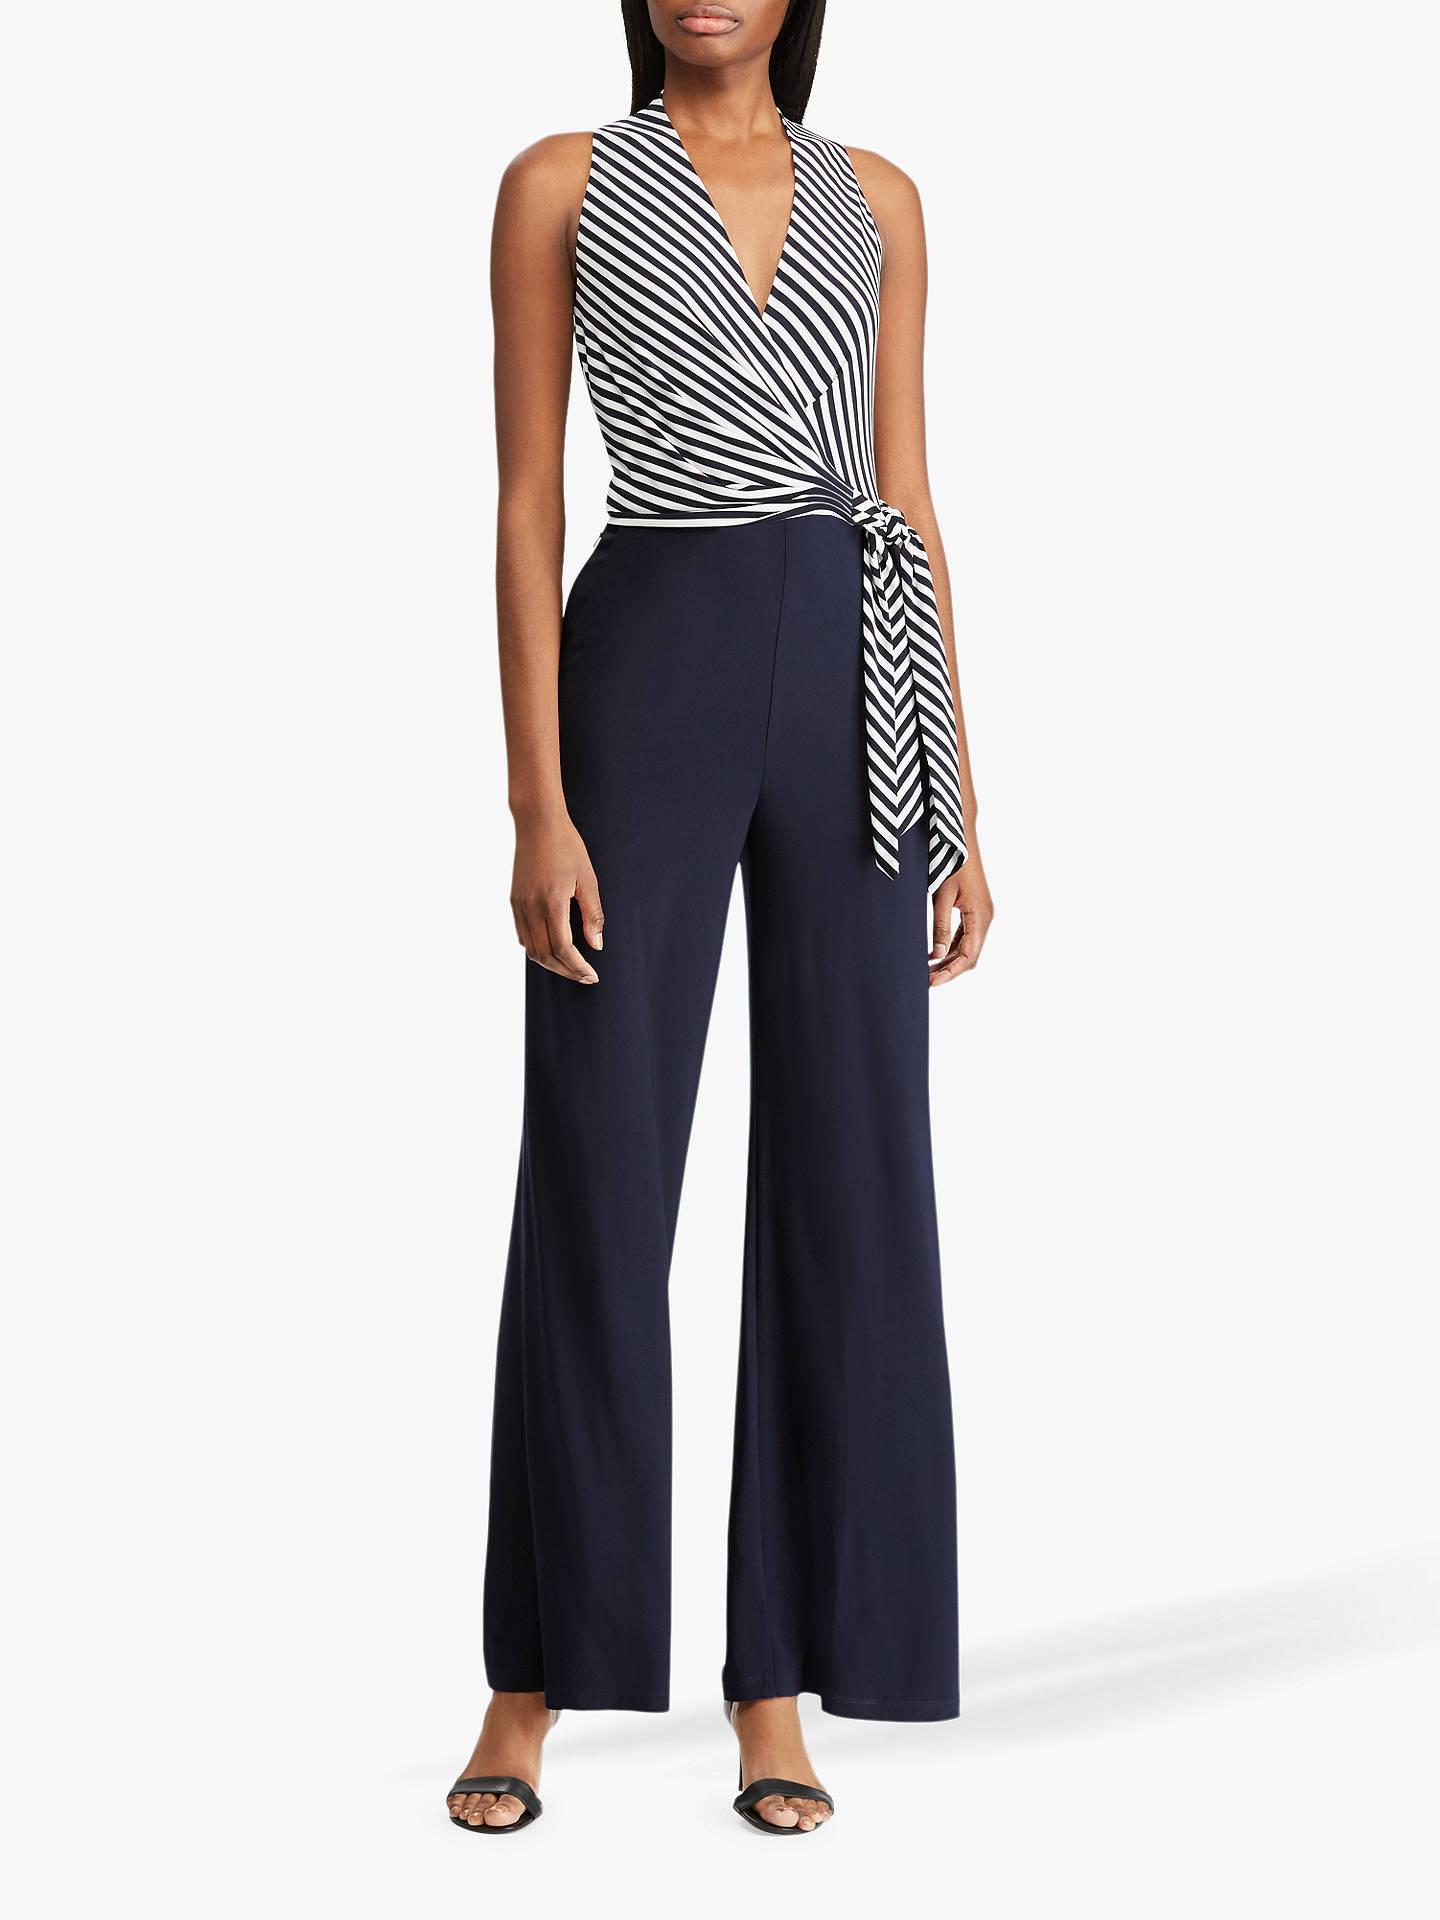 5a79cbf750f5 Buy Lauren Ralph Lauren Ritanna Jumpsuit